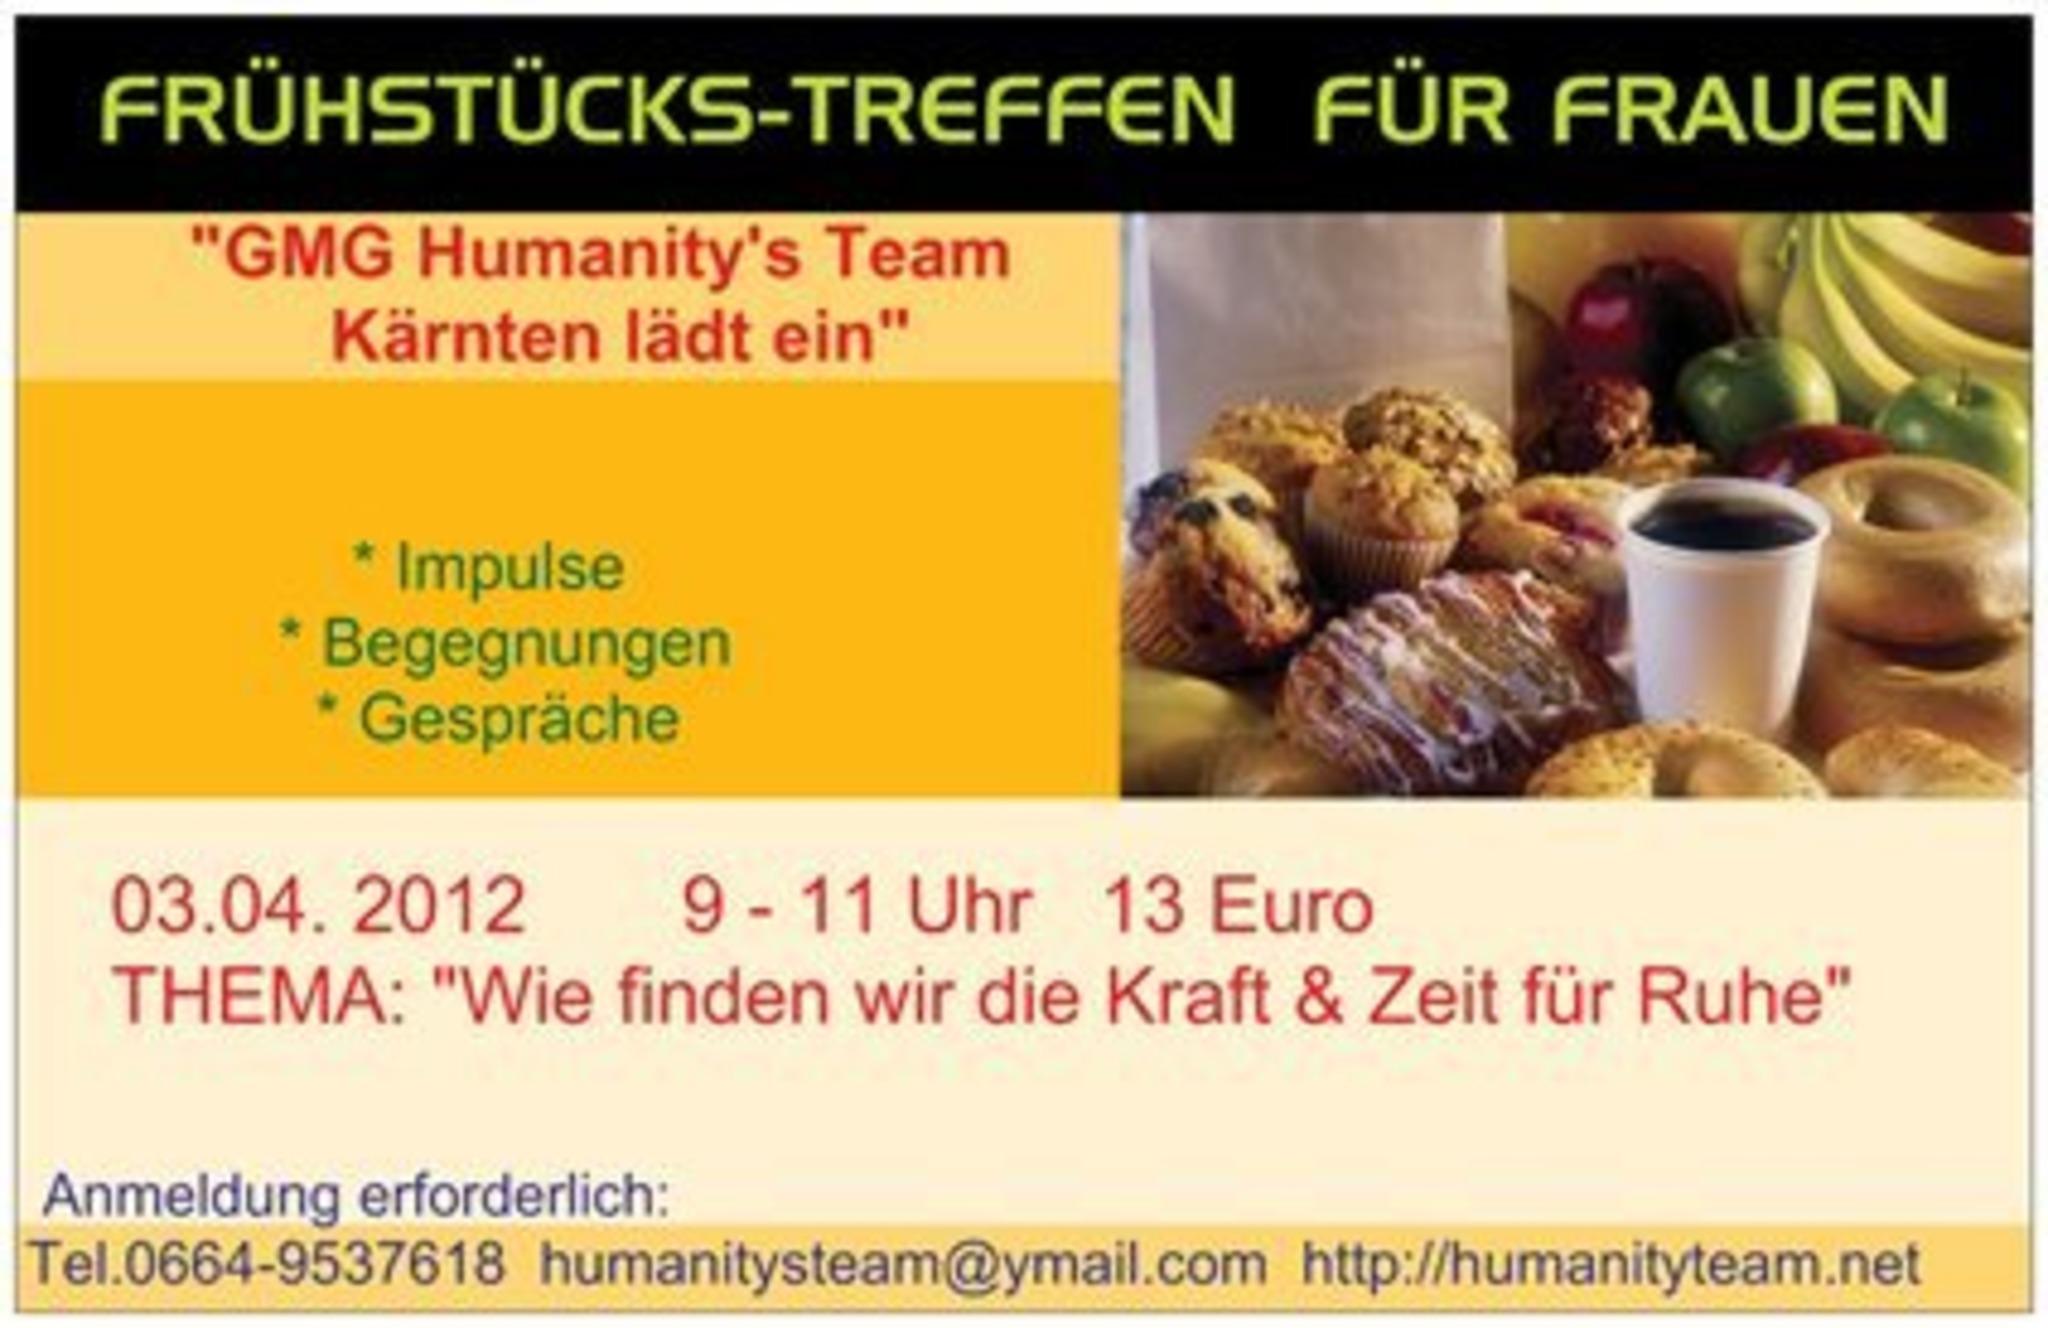 FRHSTCKS-TREFFEN FR FRAUEN 3.4.2012 9-11 Uhr